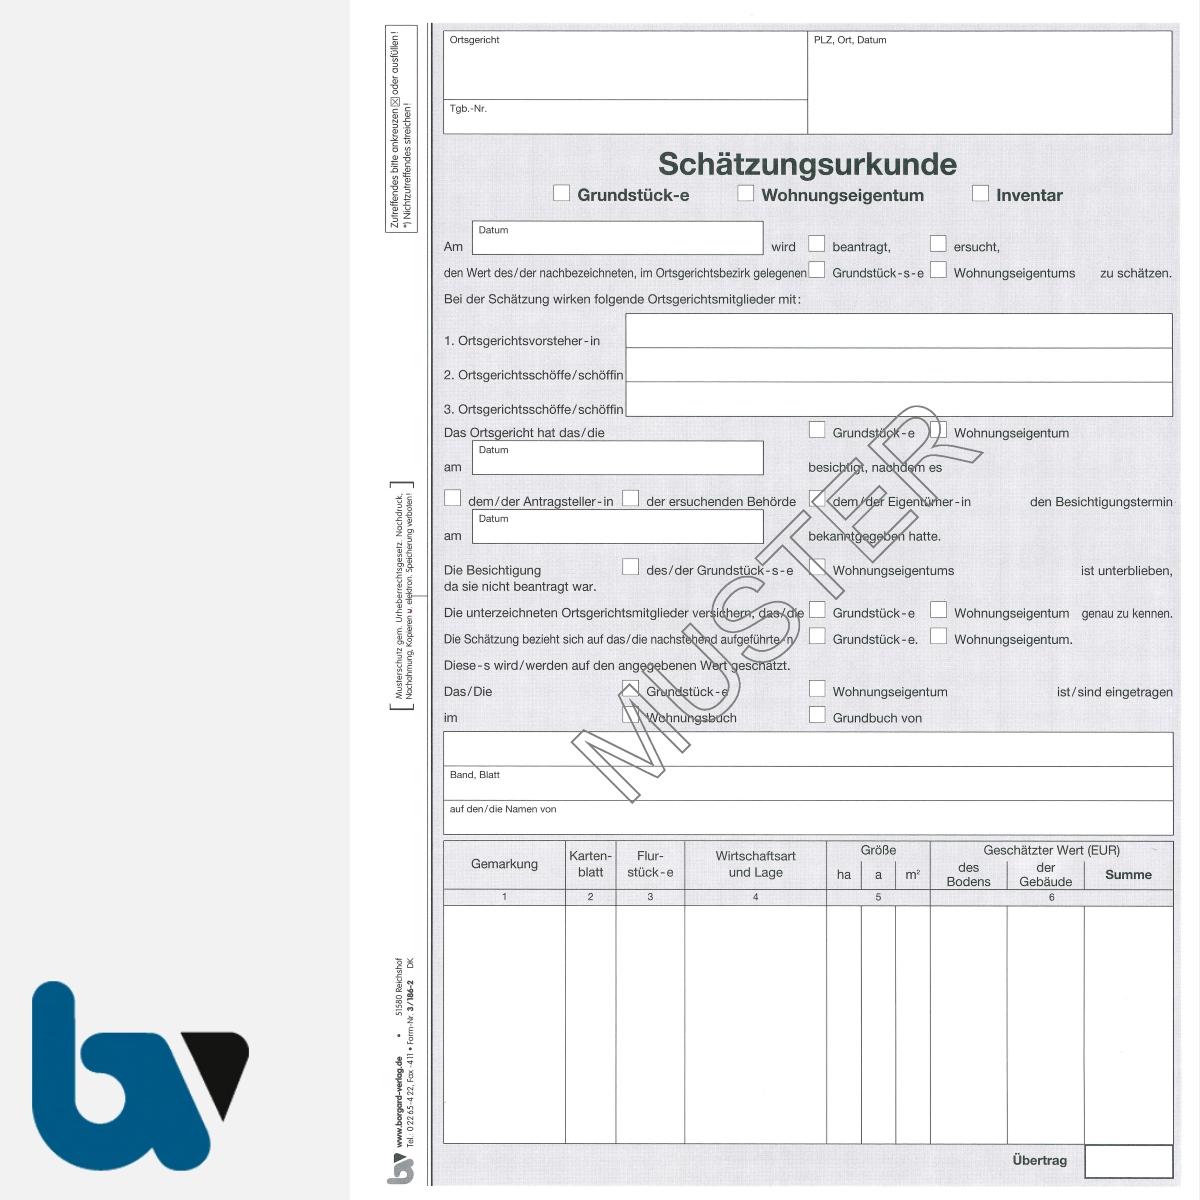 3/186-2 Schätzungsurkunde Ortsgericht Hessen Grundstück Wohnungseigentum Inventar mit Durchschrift Kopie DIN A4 Seite 1 | Borgard Verlag GmbH